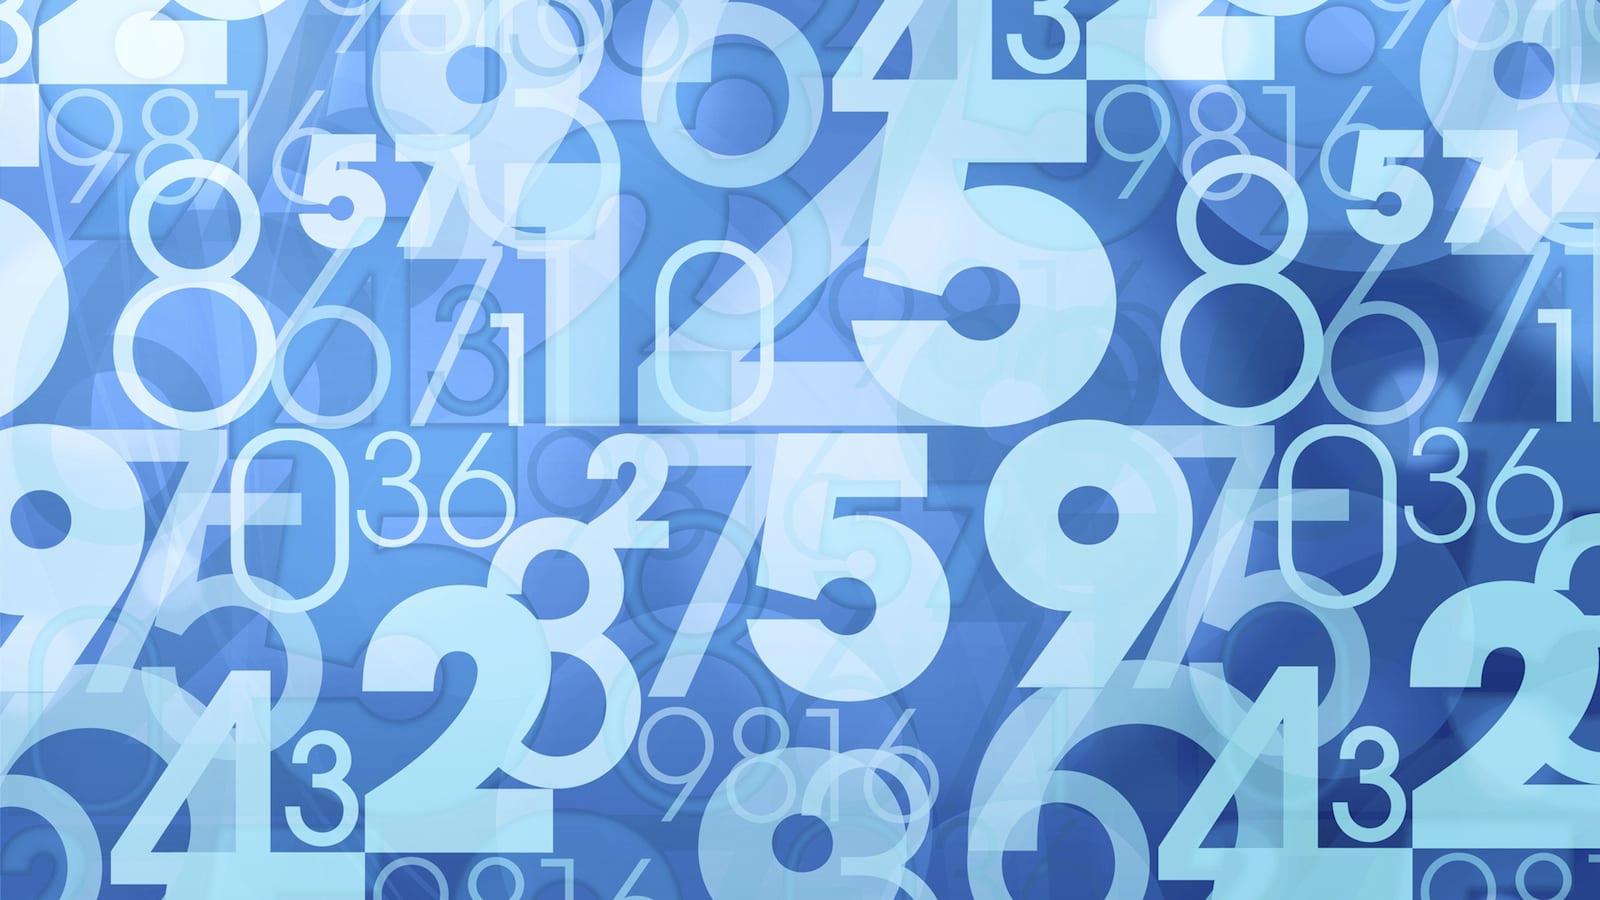 خصائص الأعداد الحقيقية